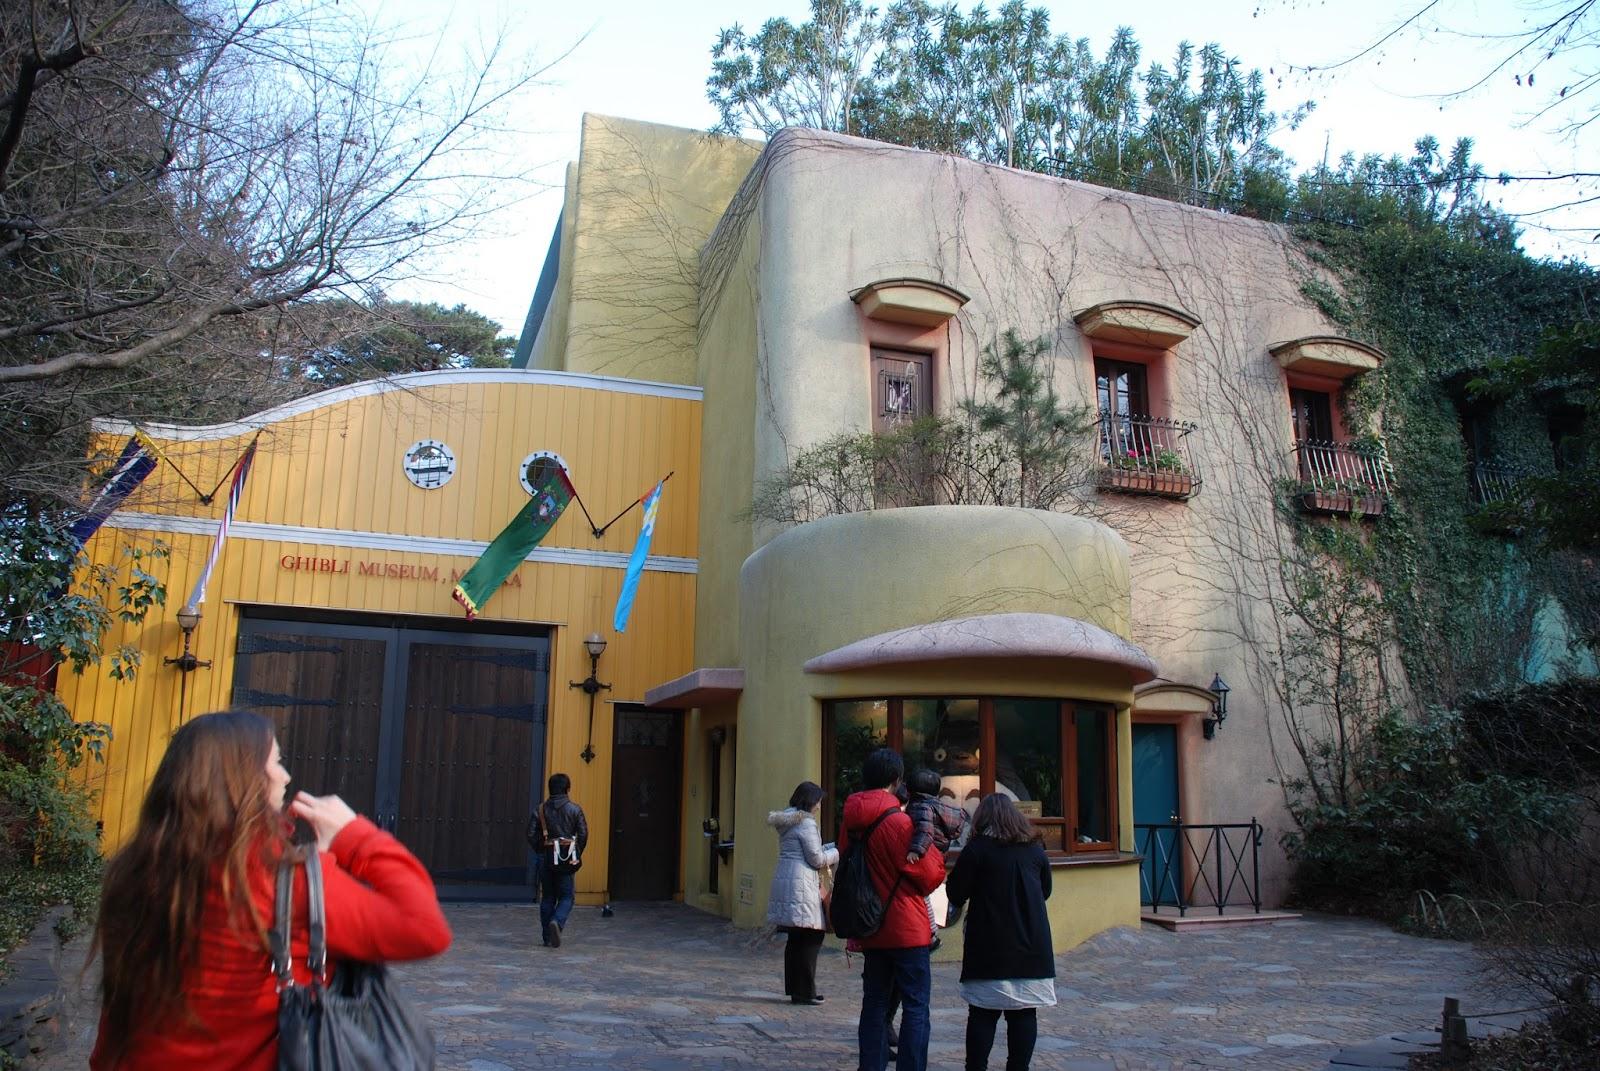 Rin in Tokyo: Ghibli Museum